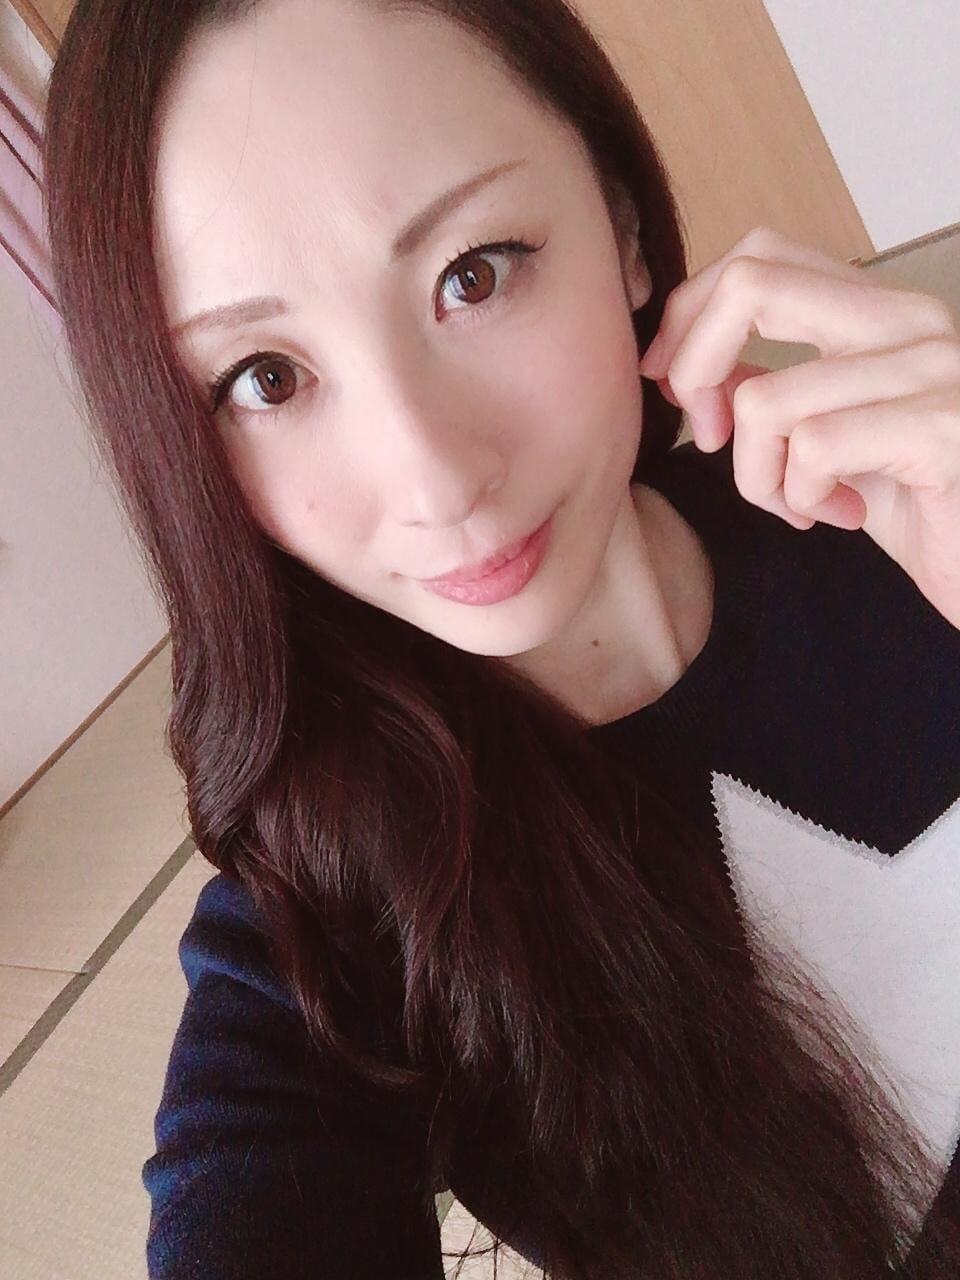 「この前お世話になった、、、」06/21(月) 12:13   百花繚乱の写メ